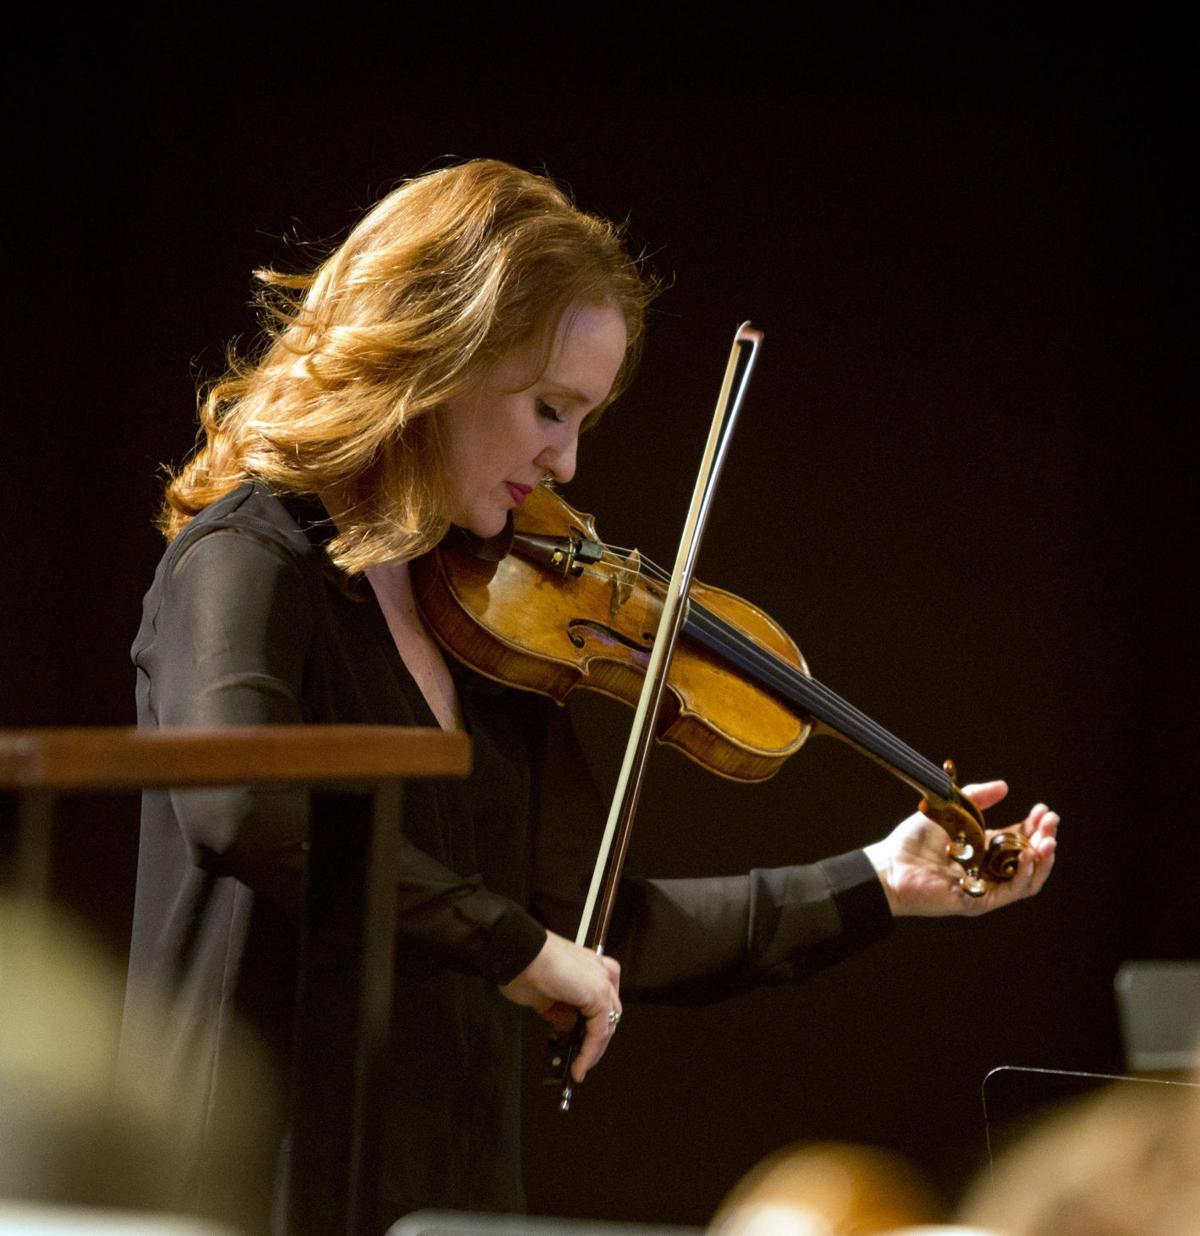 200312-yh-scene-symphonycolumn.jpg